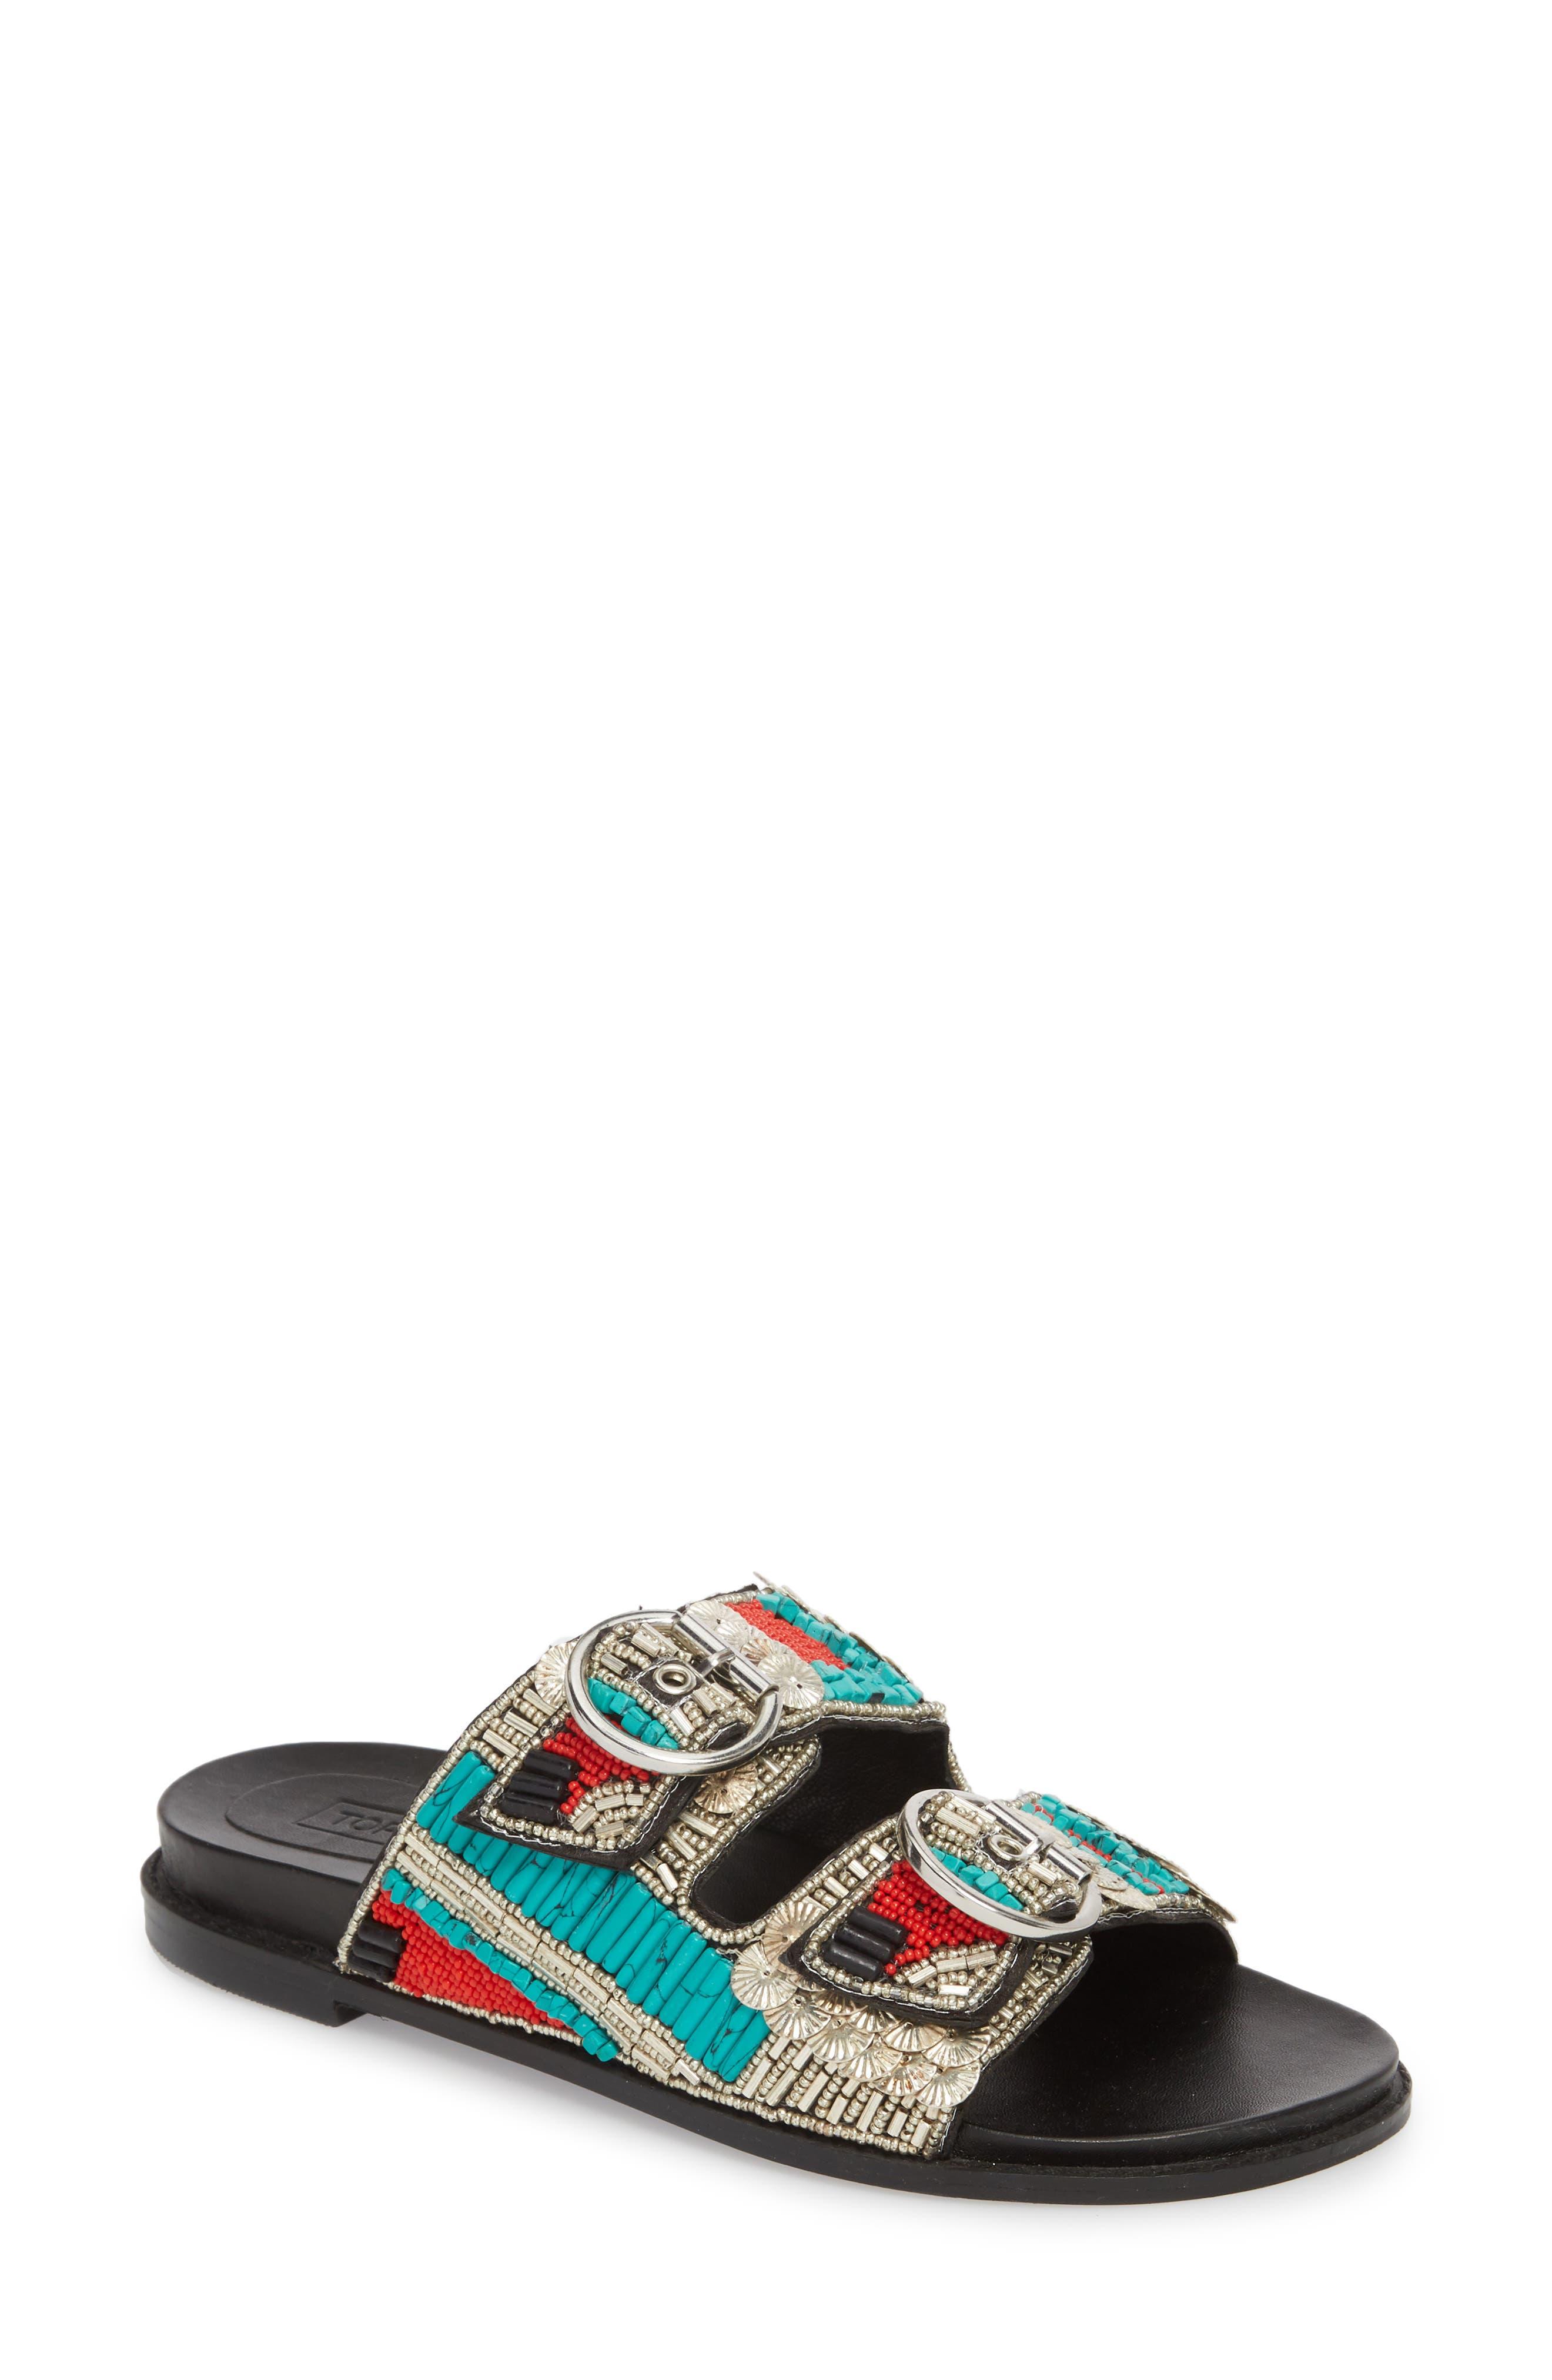 Topshop Frankie Embellished Slide Sandal (Women)